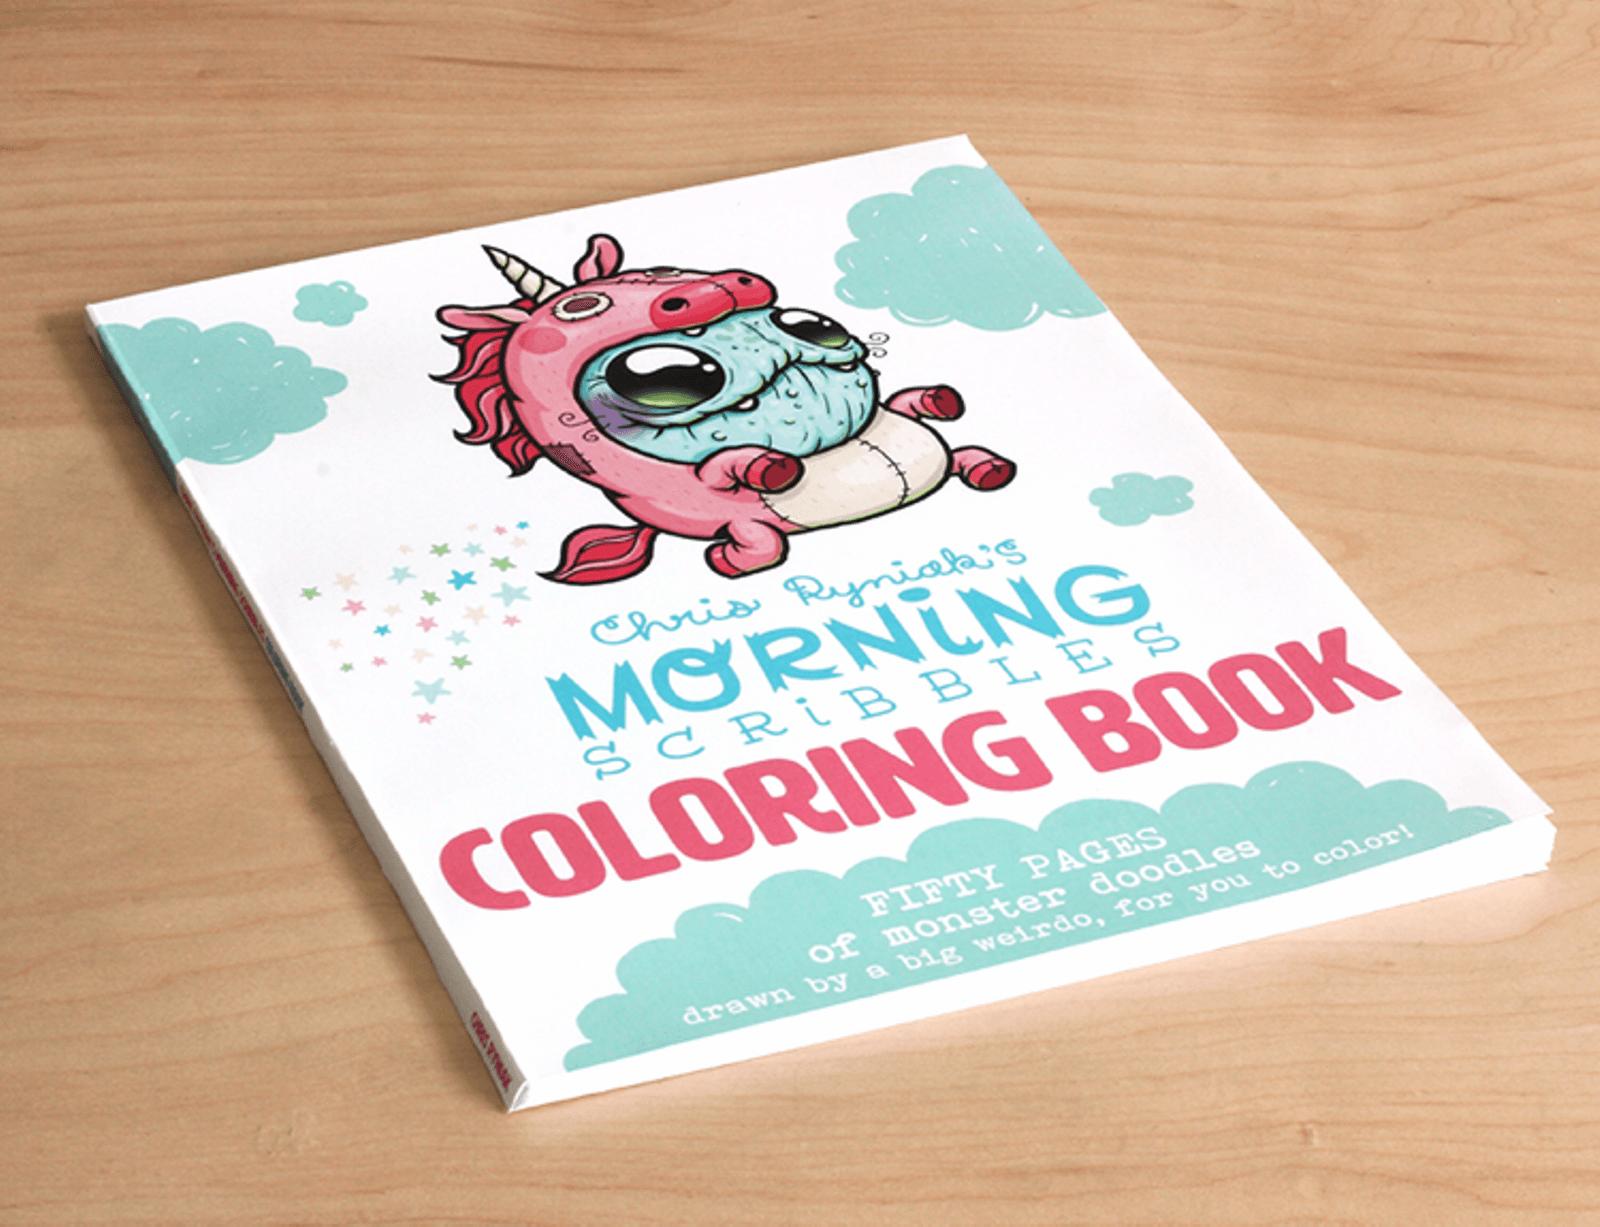 Colouring Book Chris Ryniak Morning Scribbles